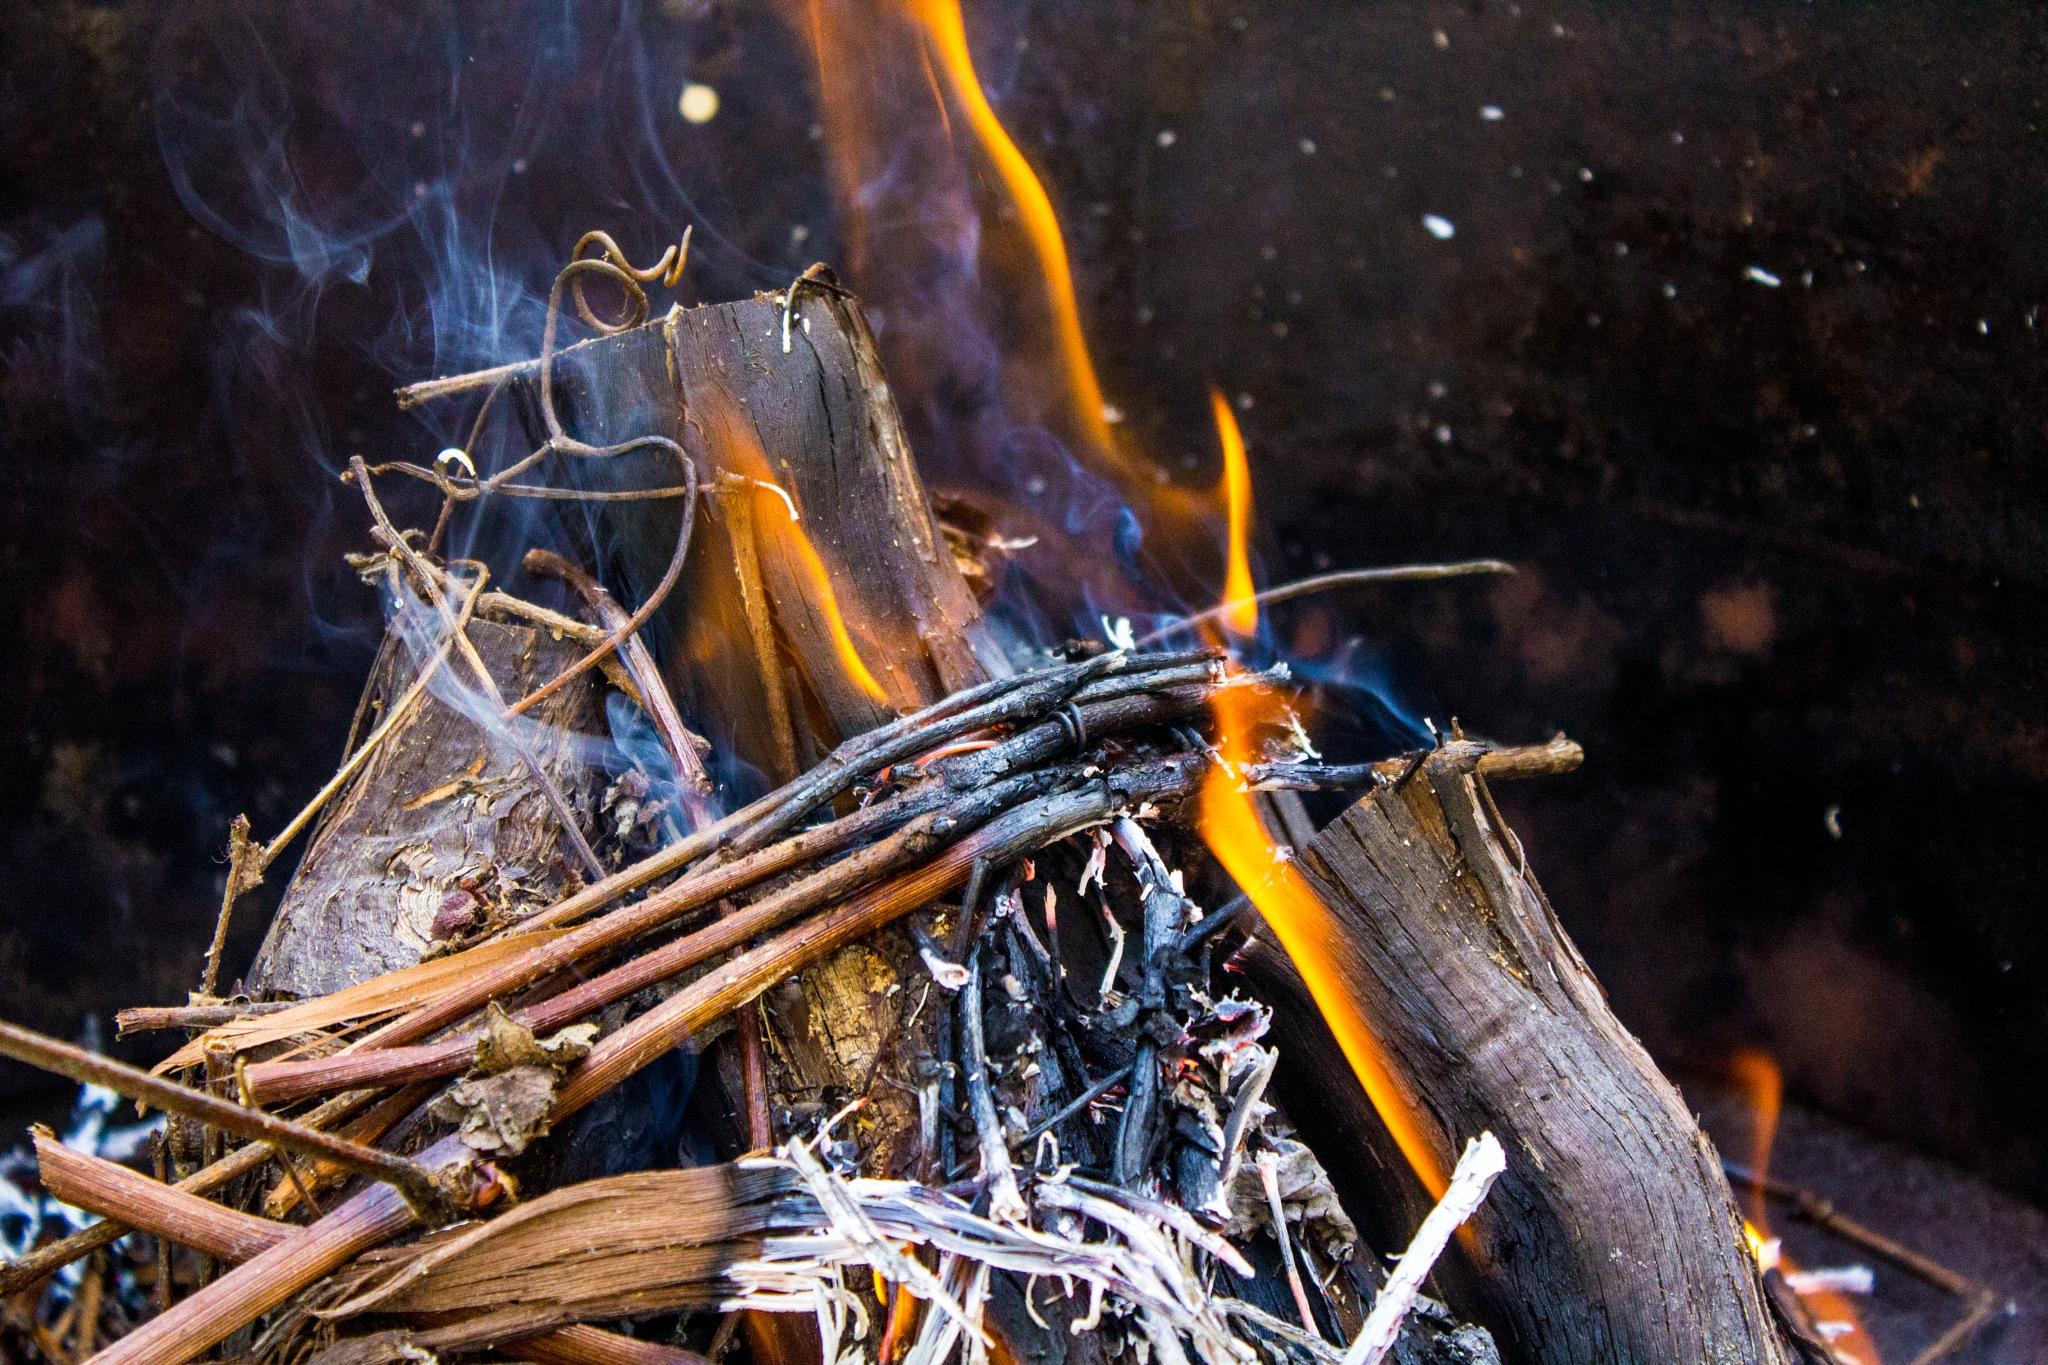 Fire by Slaven Marodt